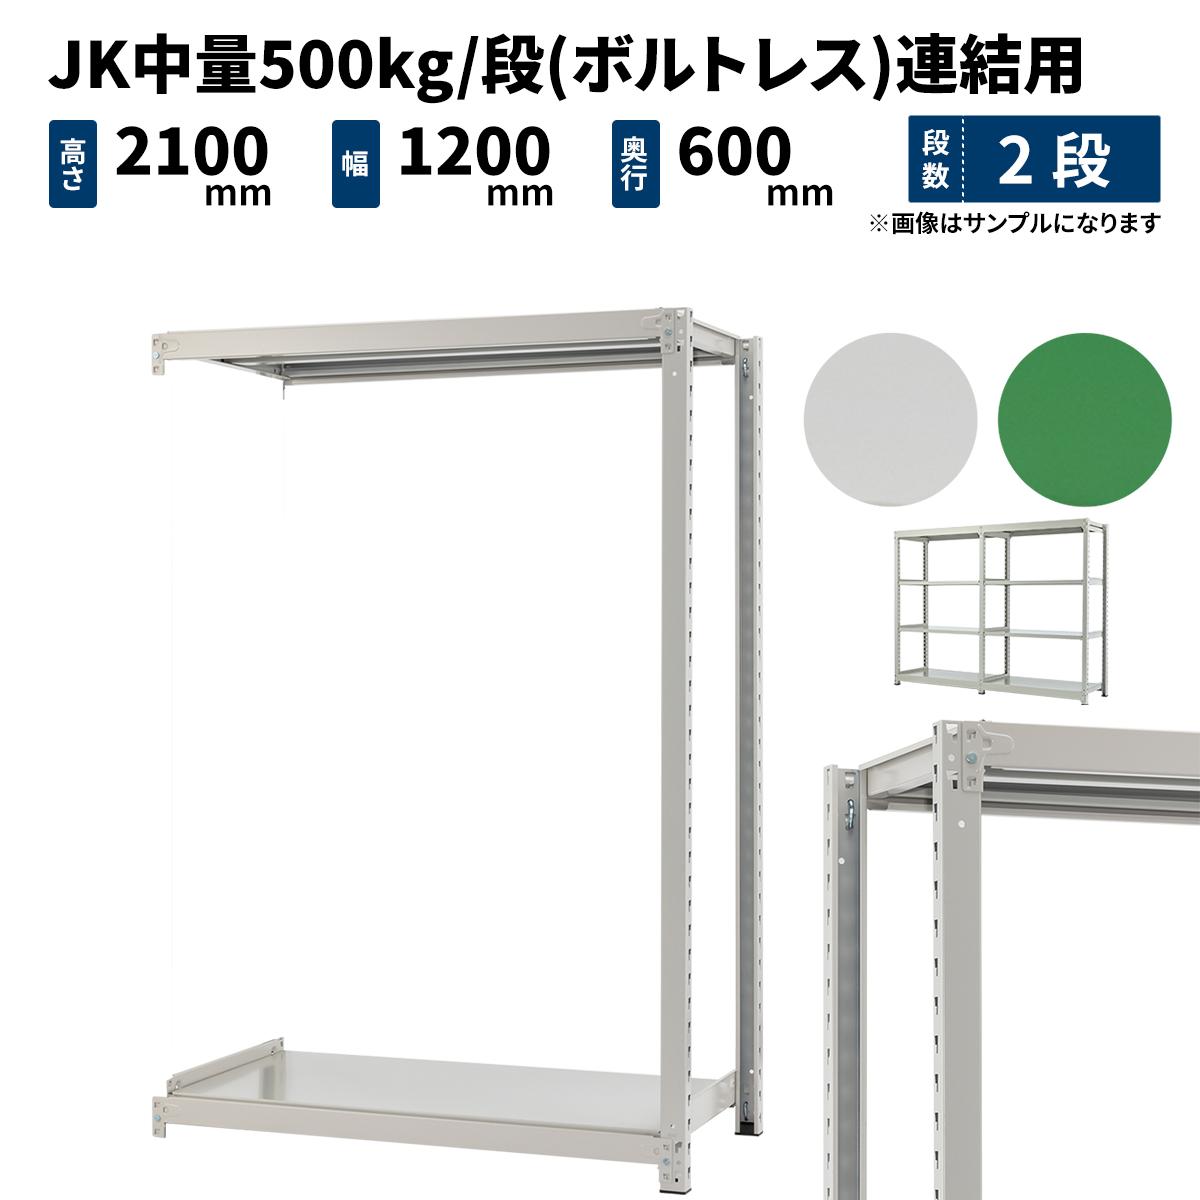 スチールラック 業務用 JK中量500kg/段(ボルトレス) 連結形式 高さ2100×幅1200×奥行600mm 2段 ホワイトグレー/グリーン (38kg) JK500_R-211206-2